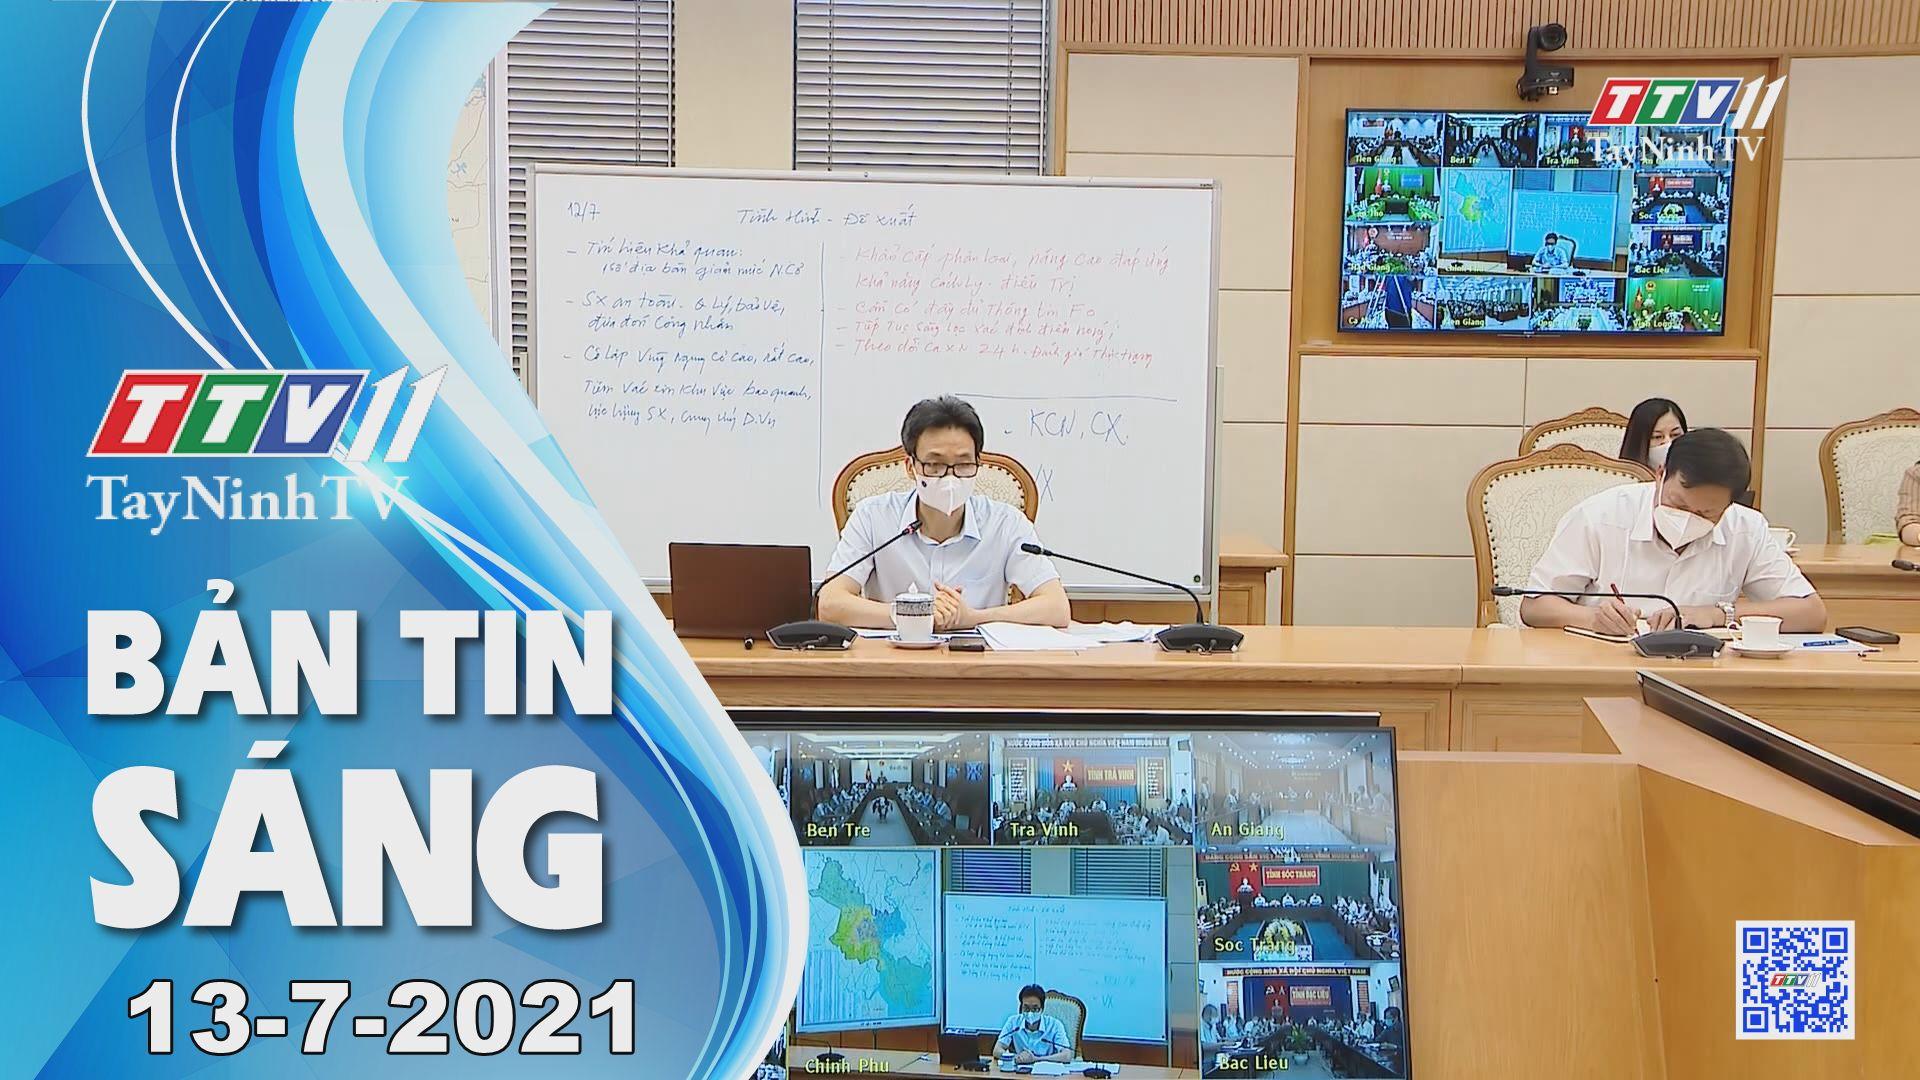 Bản tin sáng 13-7-2021   Tin tức hôm nay   TayNinhTV